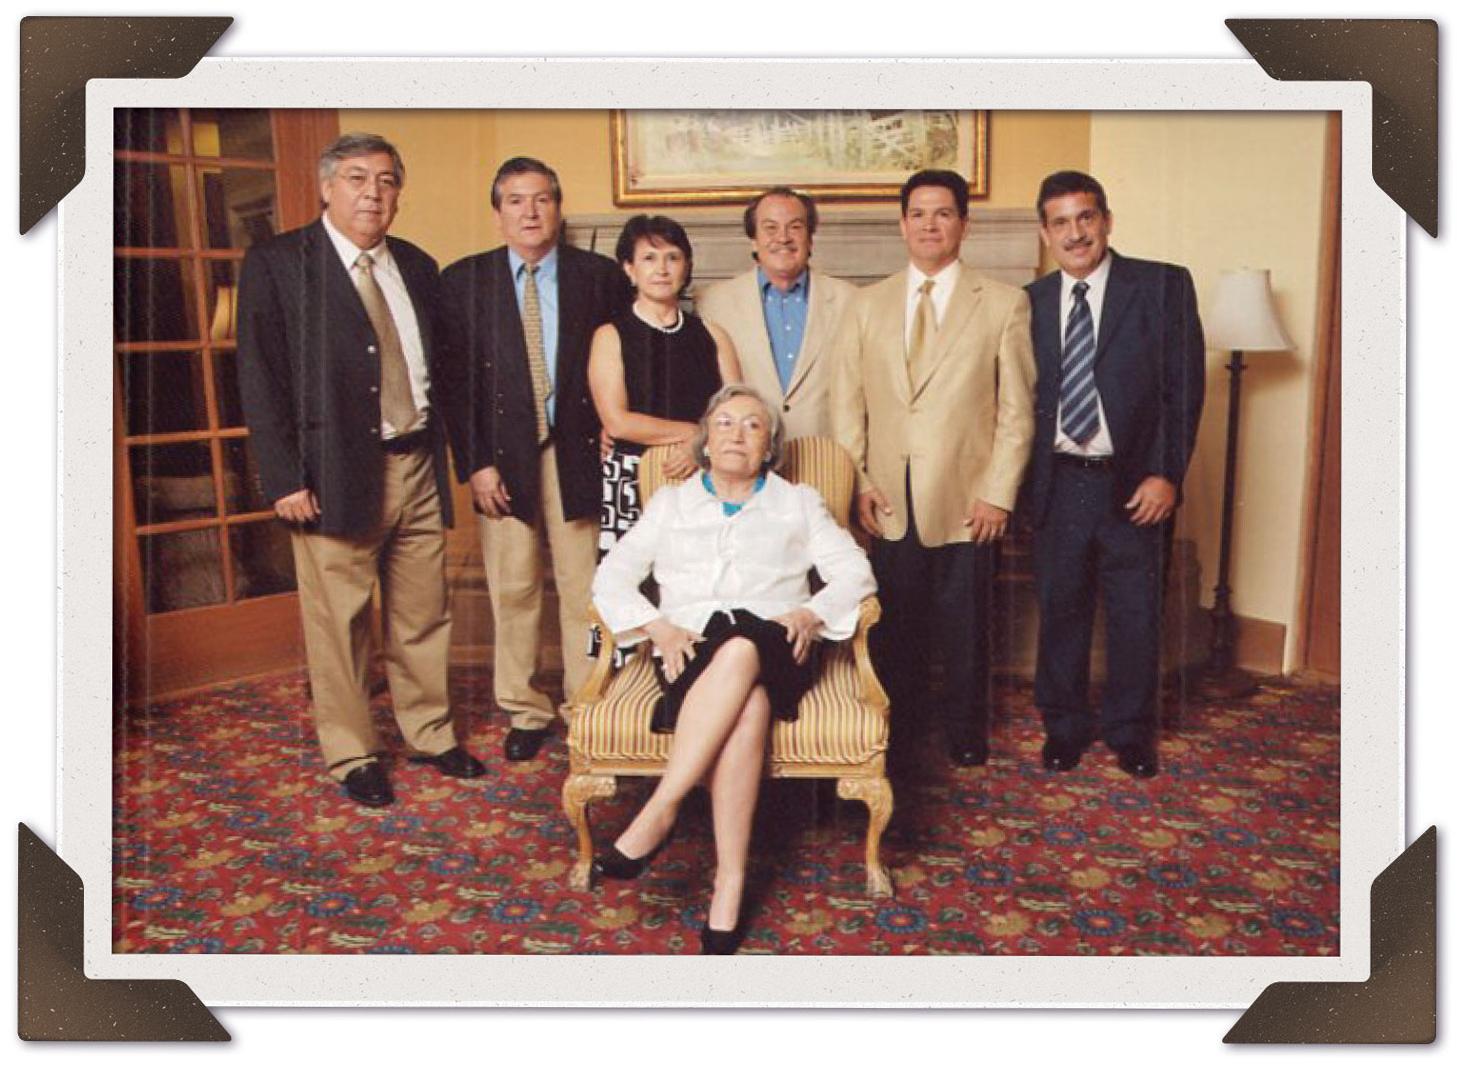 The Podesta Family. Enrique Podesta (far left) and Vita Podesta (center).